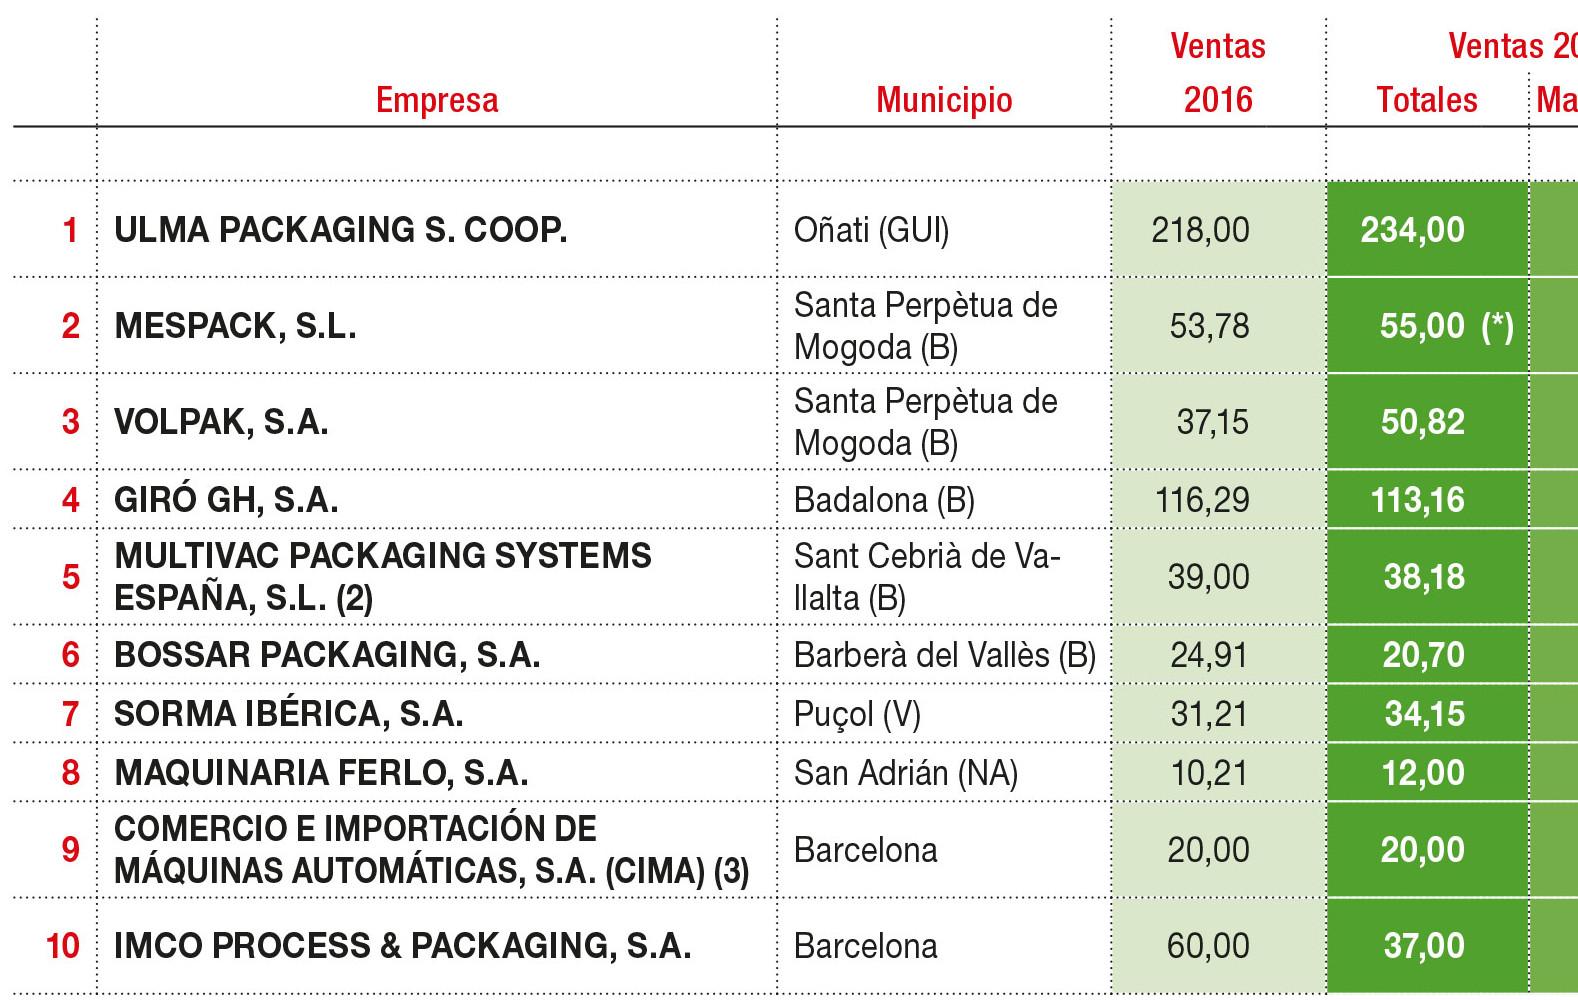 Principales fabricante de maquinaria de envasado para la industria alimentaria según su cifra de facturación.